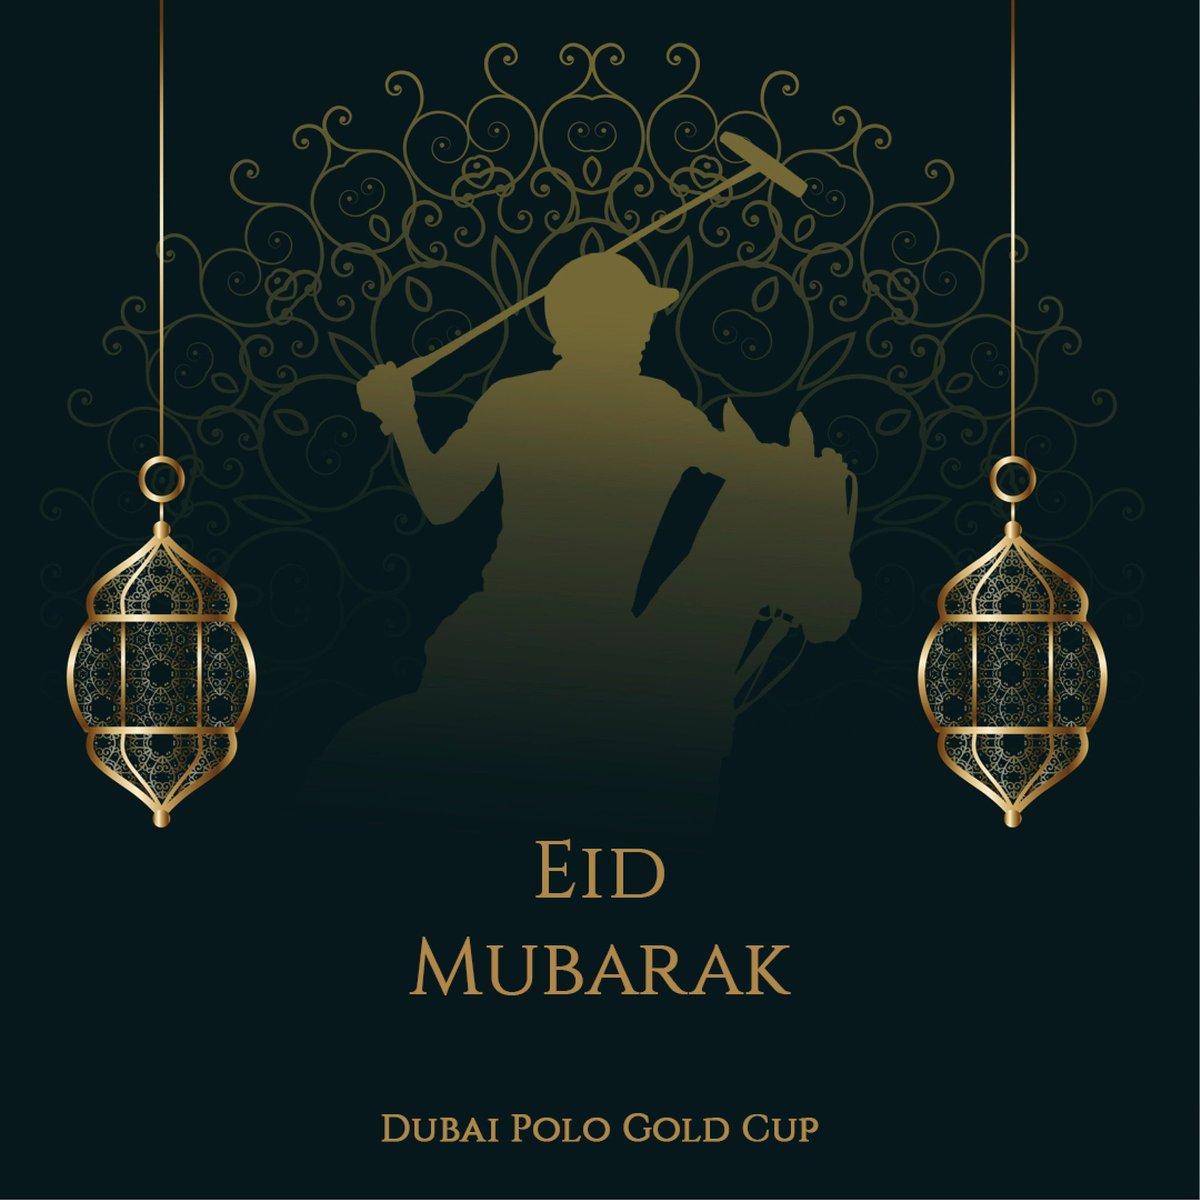 Have a blessed and joyous Eid! . . . . #Ramadan2020 #Eid2020 #Eidiya #EidHolidays #EidMubarak #FamilyTime #Celebration #EidBreak #StaySafe #MyDubai #LovinDubai #Dubai #UAE https://t.co/uHxmF0GFpk